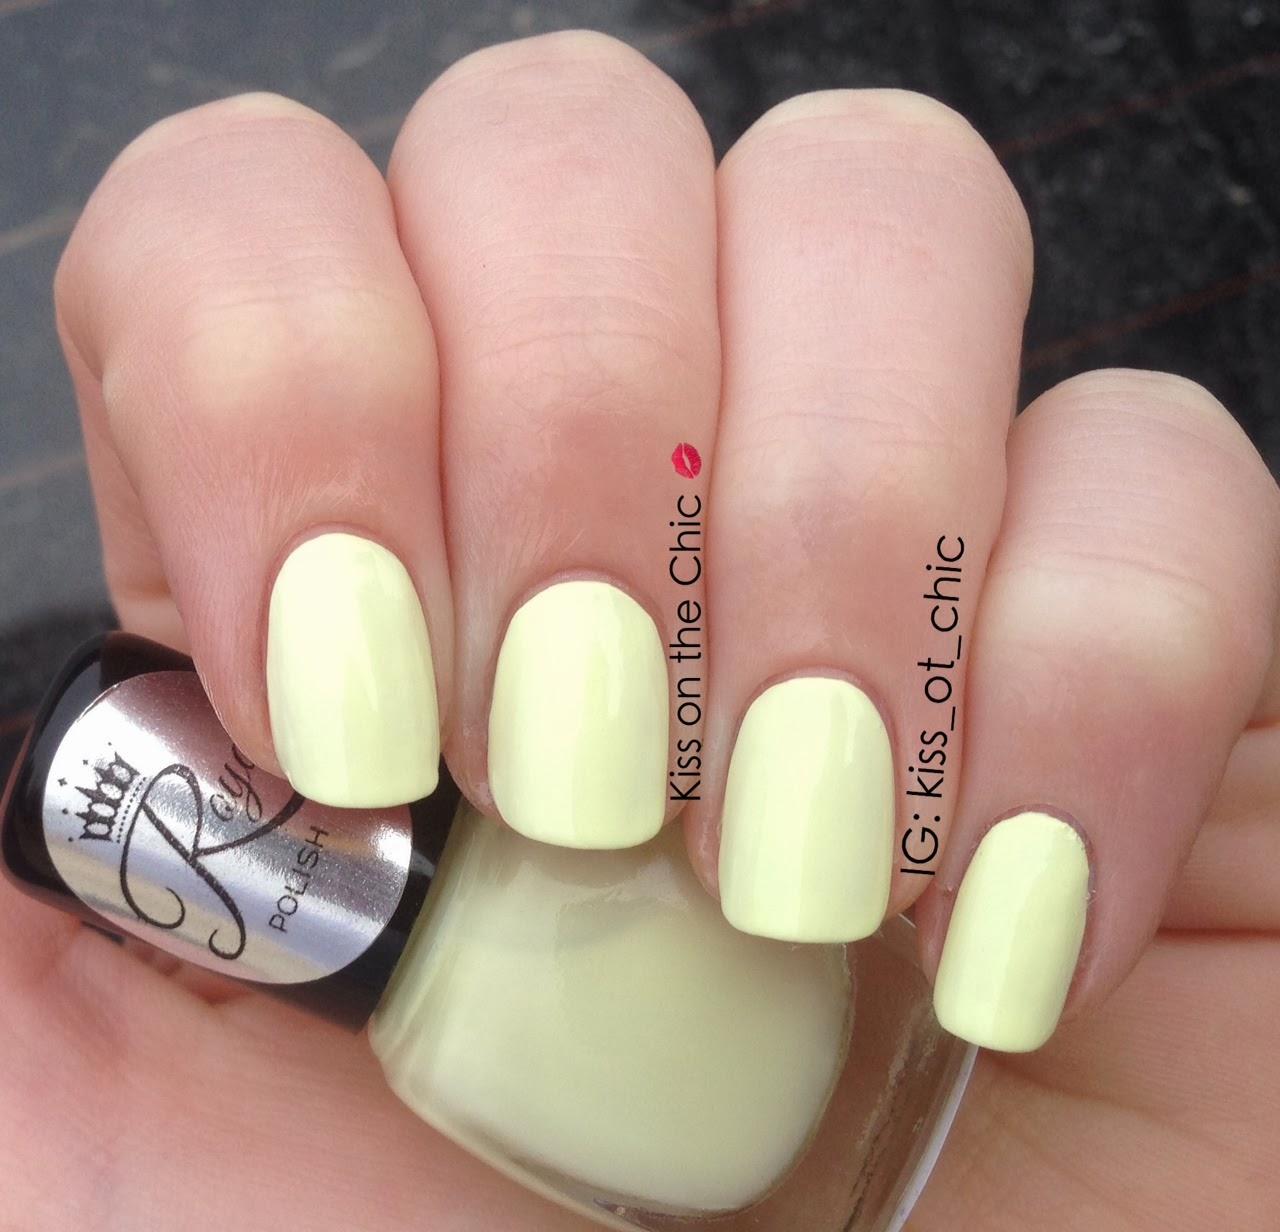 Acrylic nails in birmingham nail ftempo for Acrylic nail salon nyc